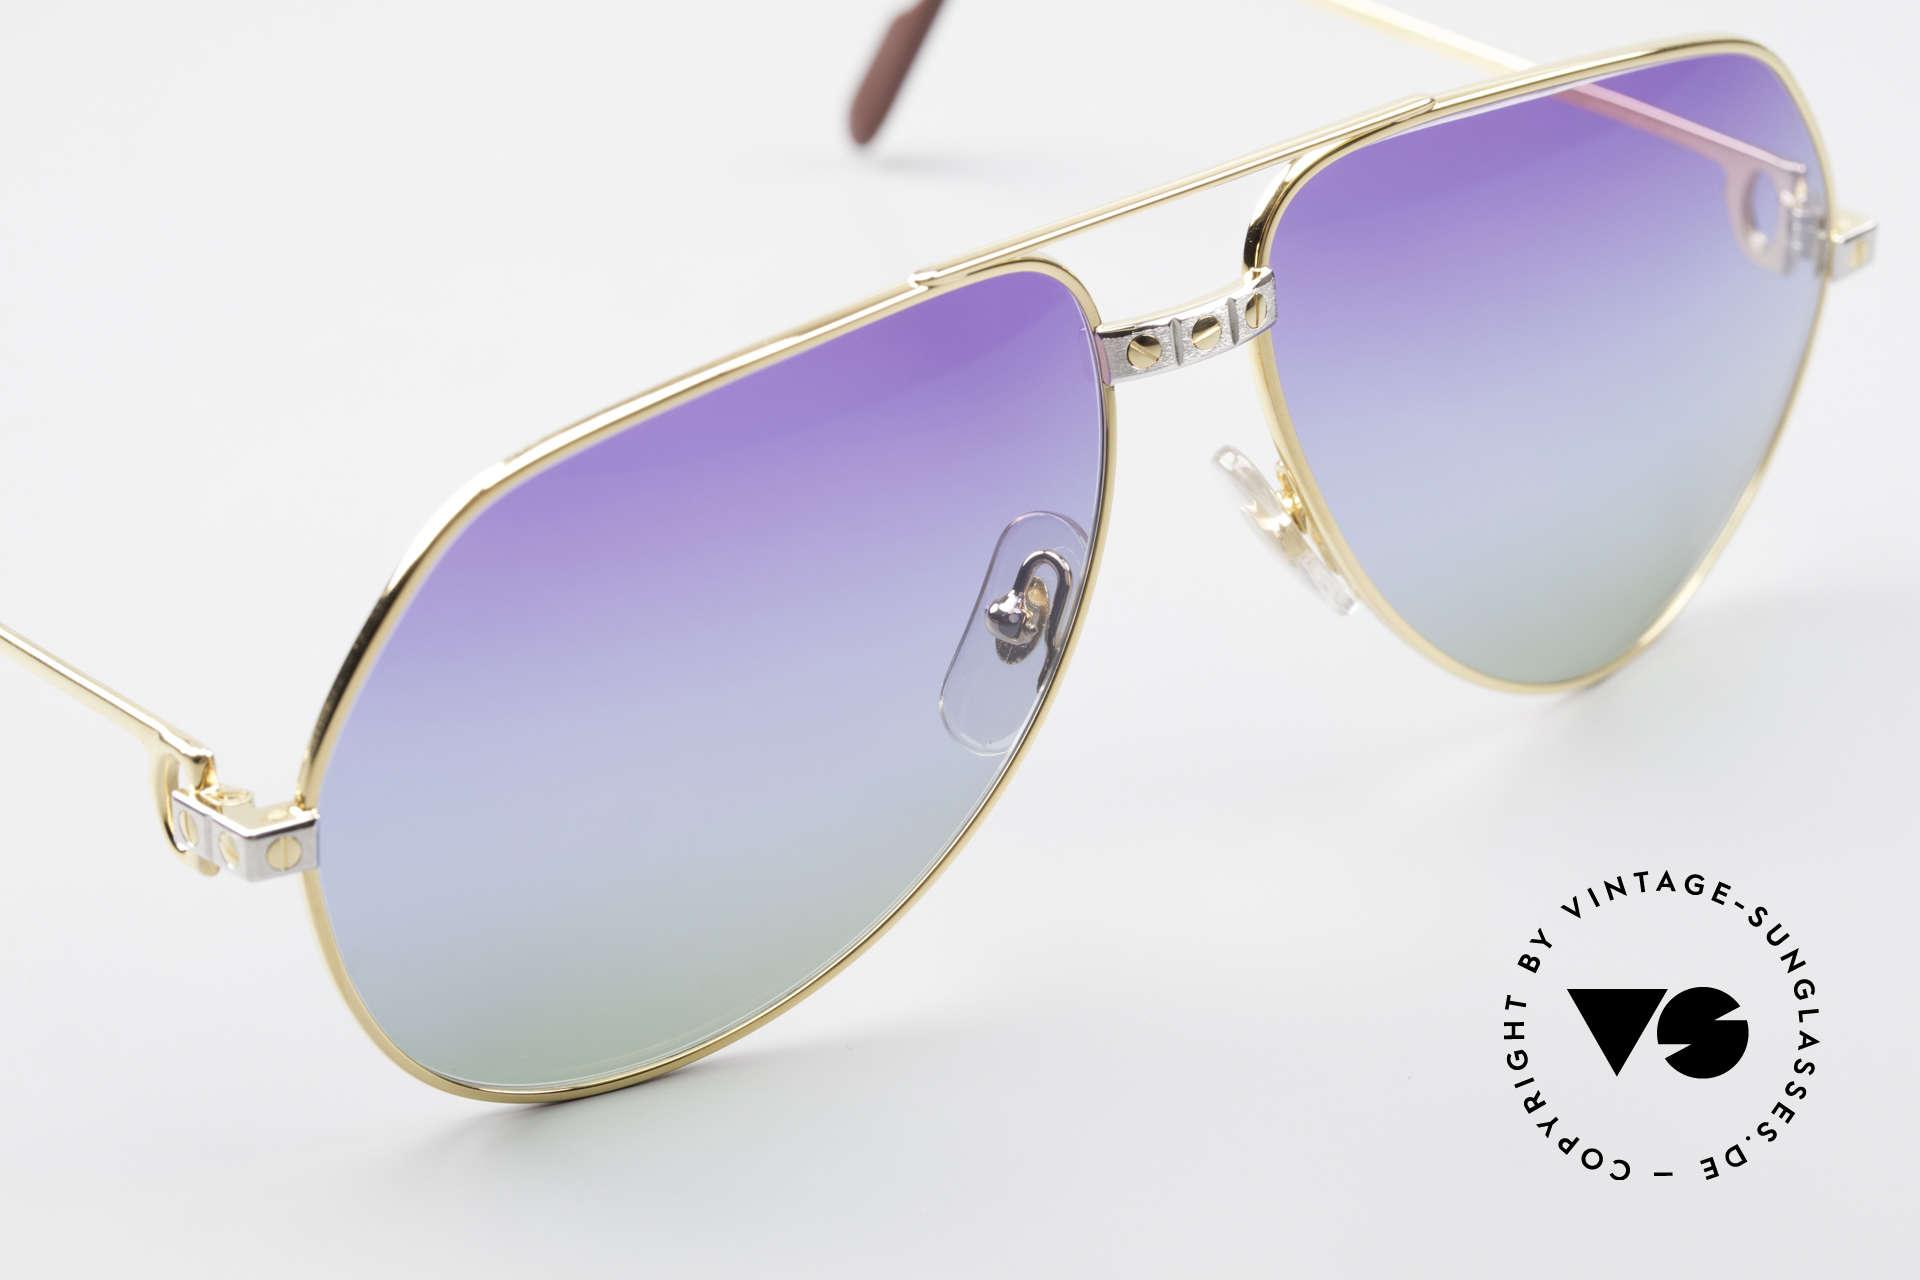 Cartier Vendome Santos - L Einzelstück Polarlicht Violett, Gläser sind eigens gefertigt (sonst nirgendwo erhältlich), Passend für Herren